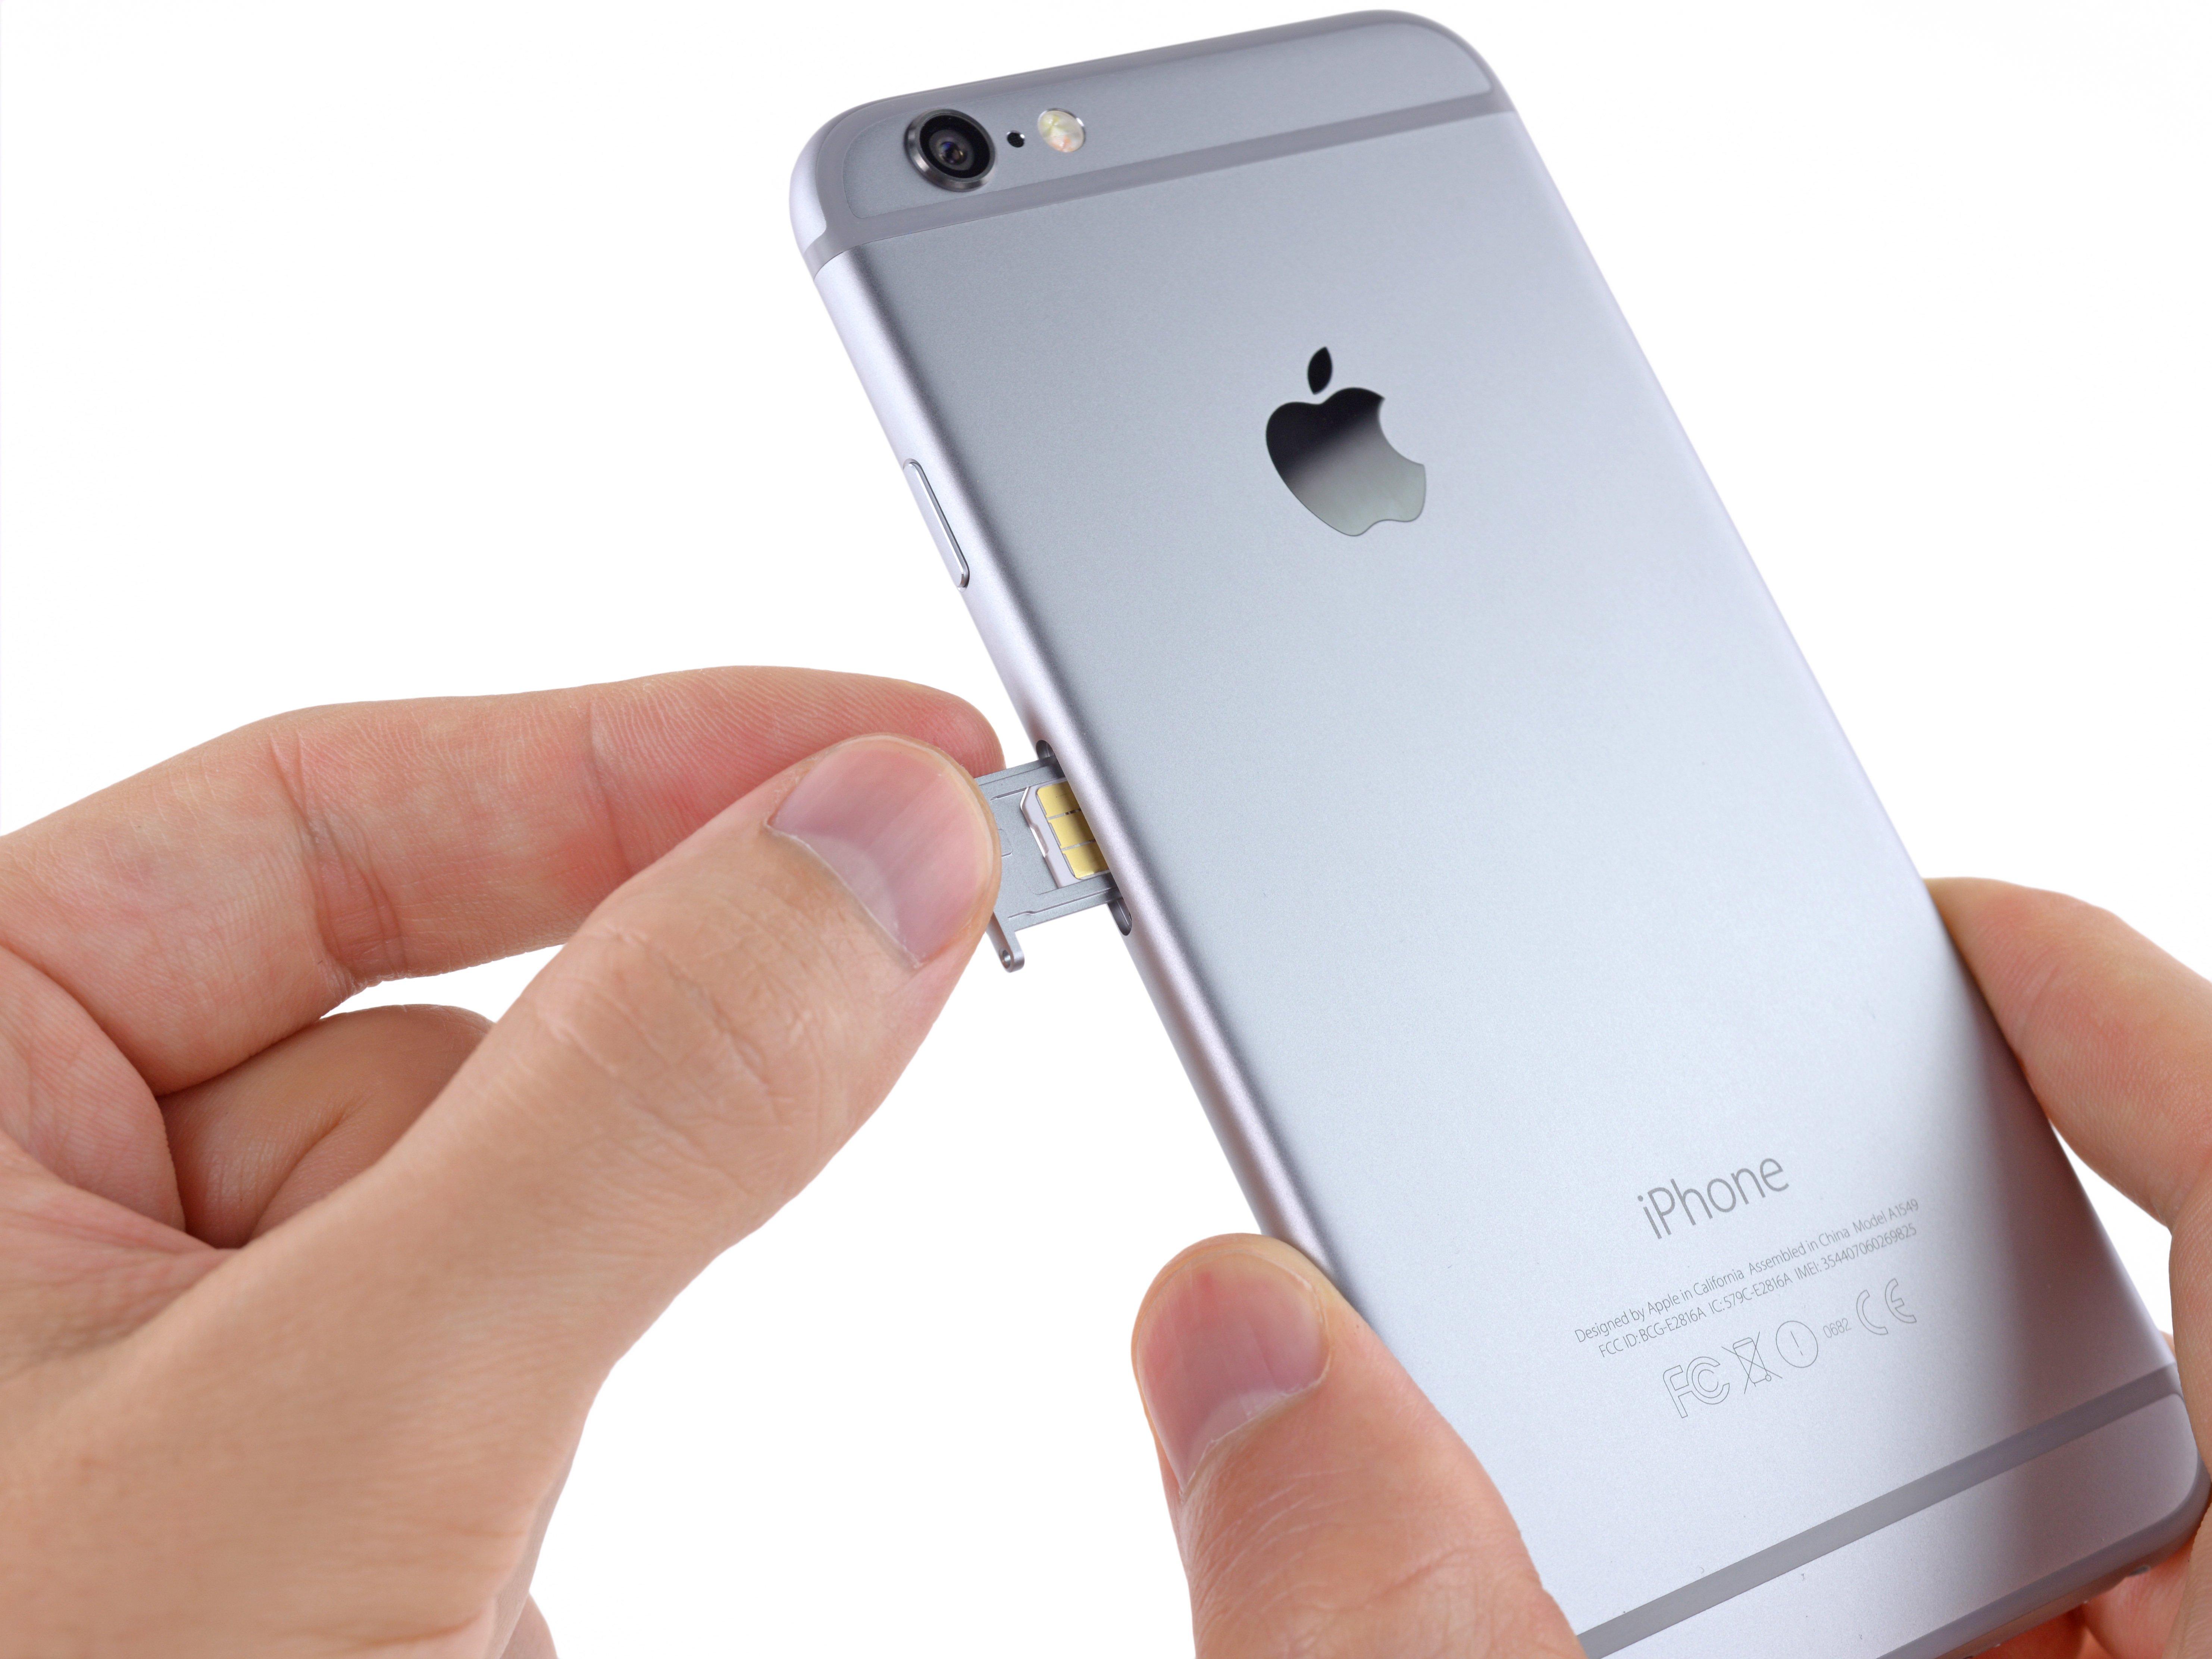 iphone 6 sim card replacement ifixit repair guide